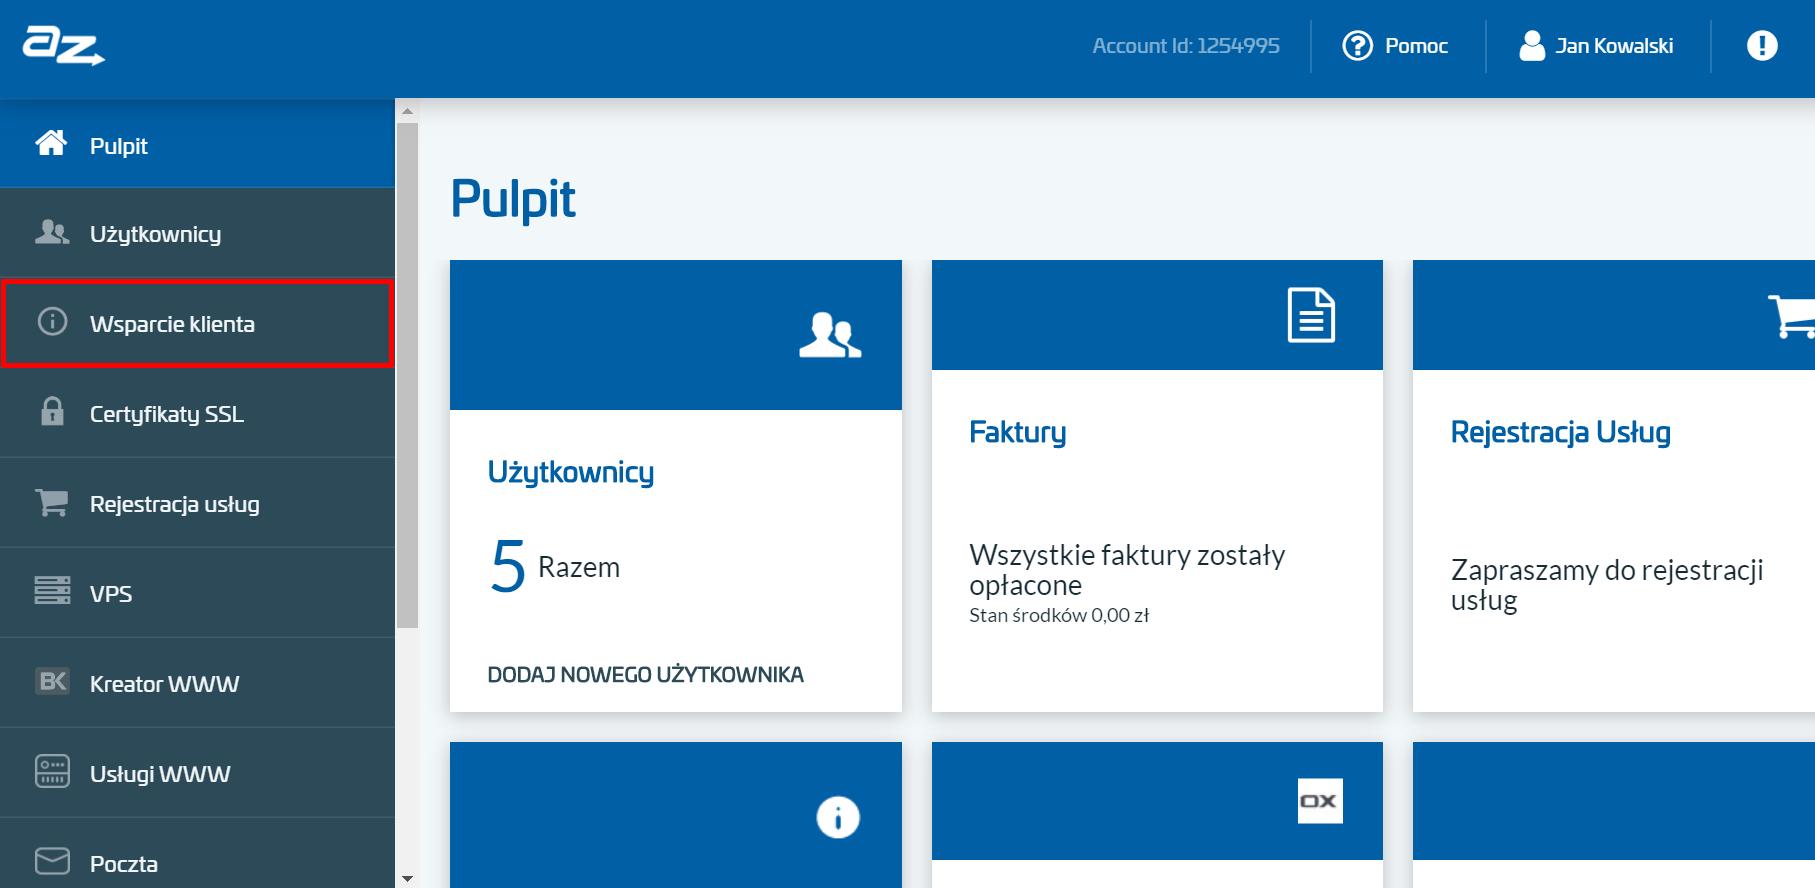 Po zalogowaniu do Panelu klienta AZ.pl, wybierz sekcję: Wsparcie klienta.